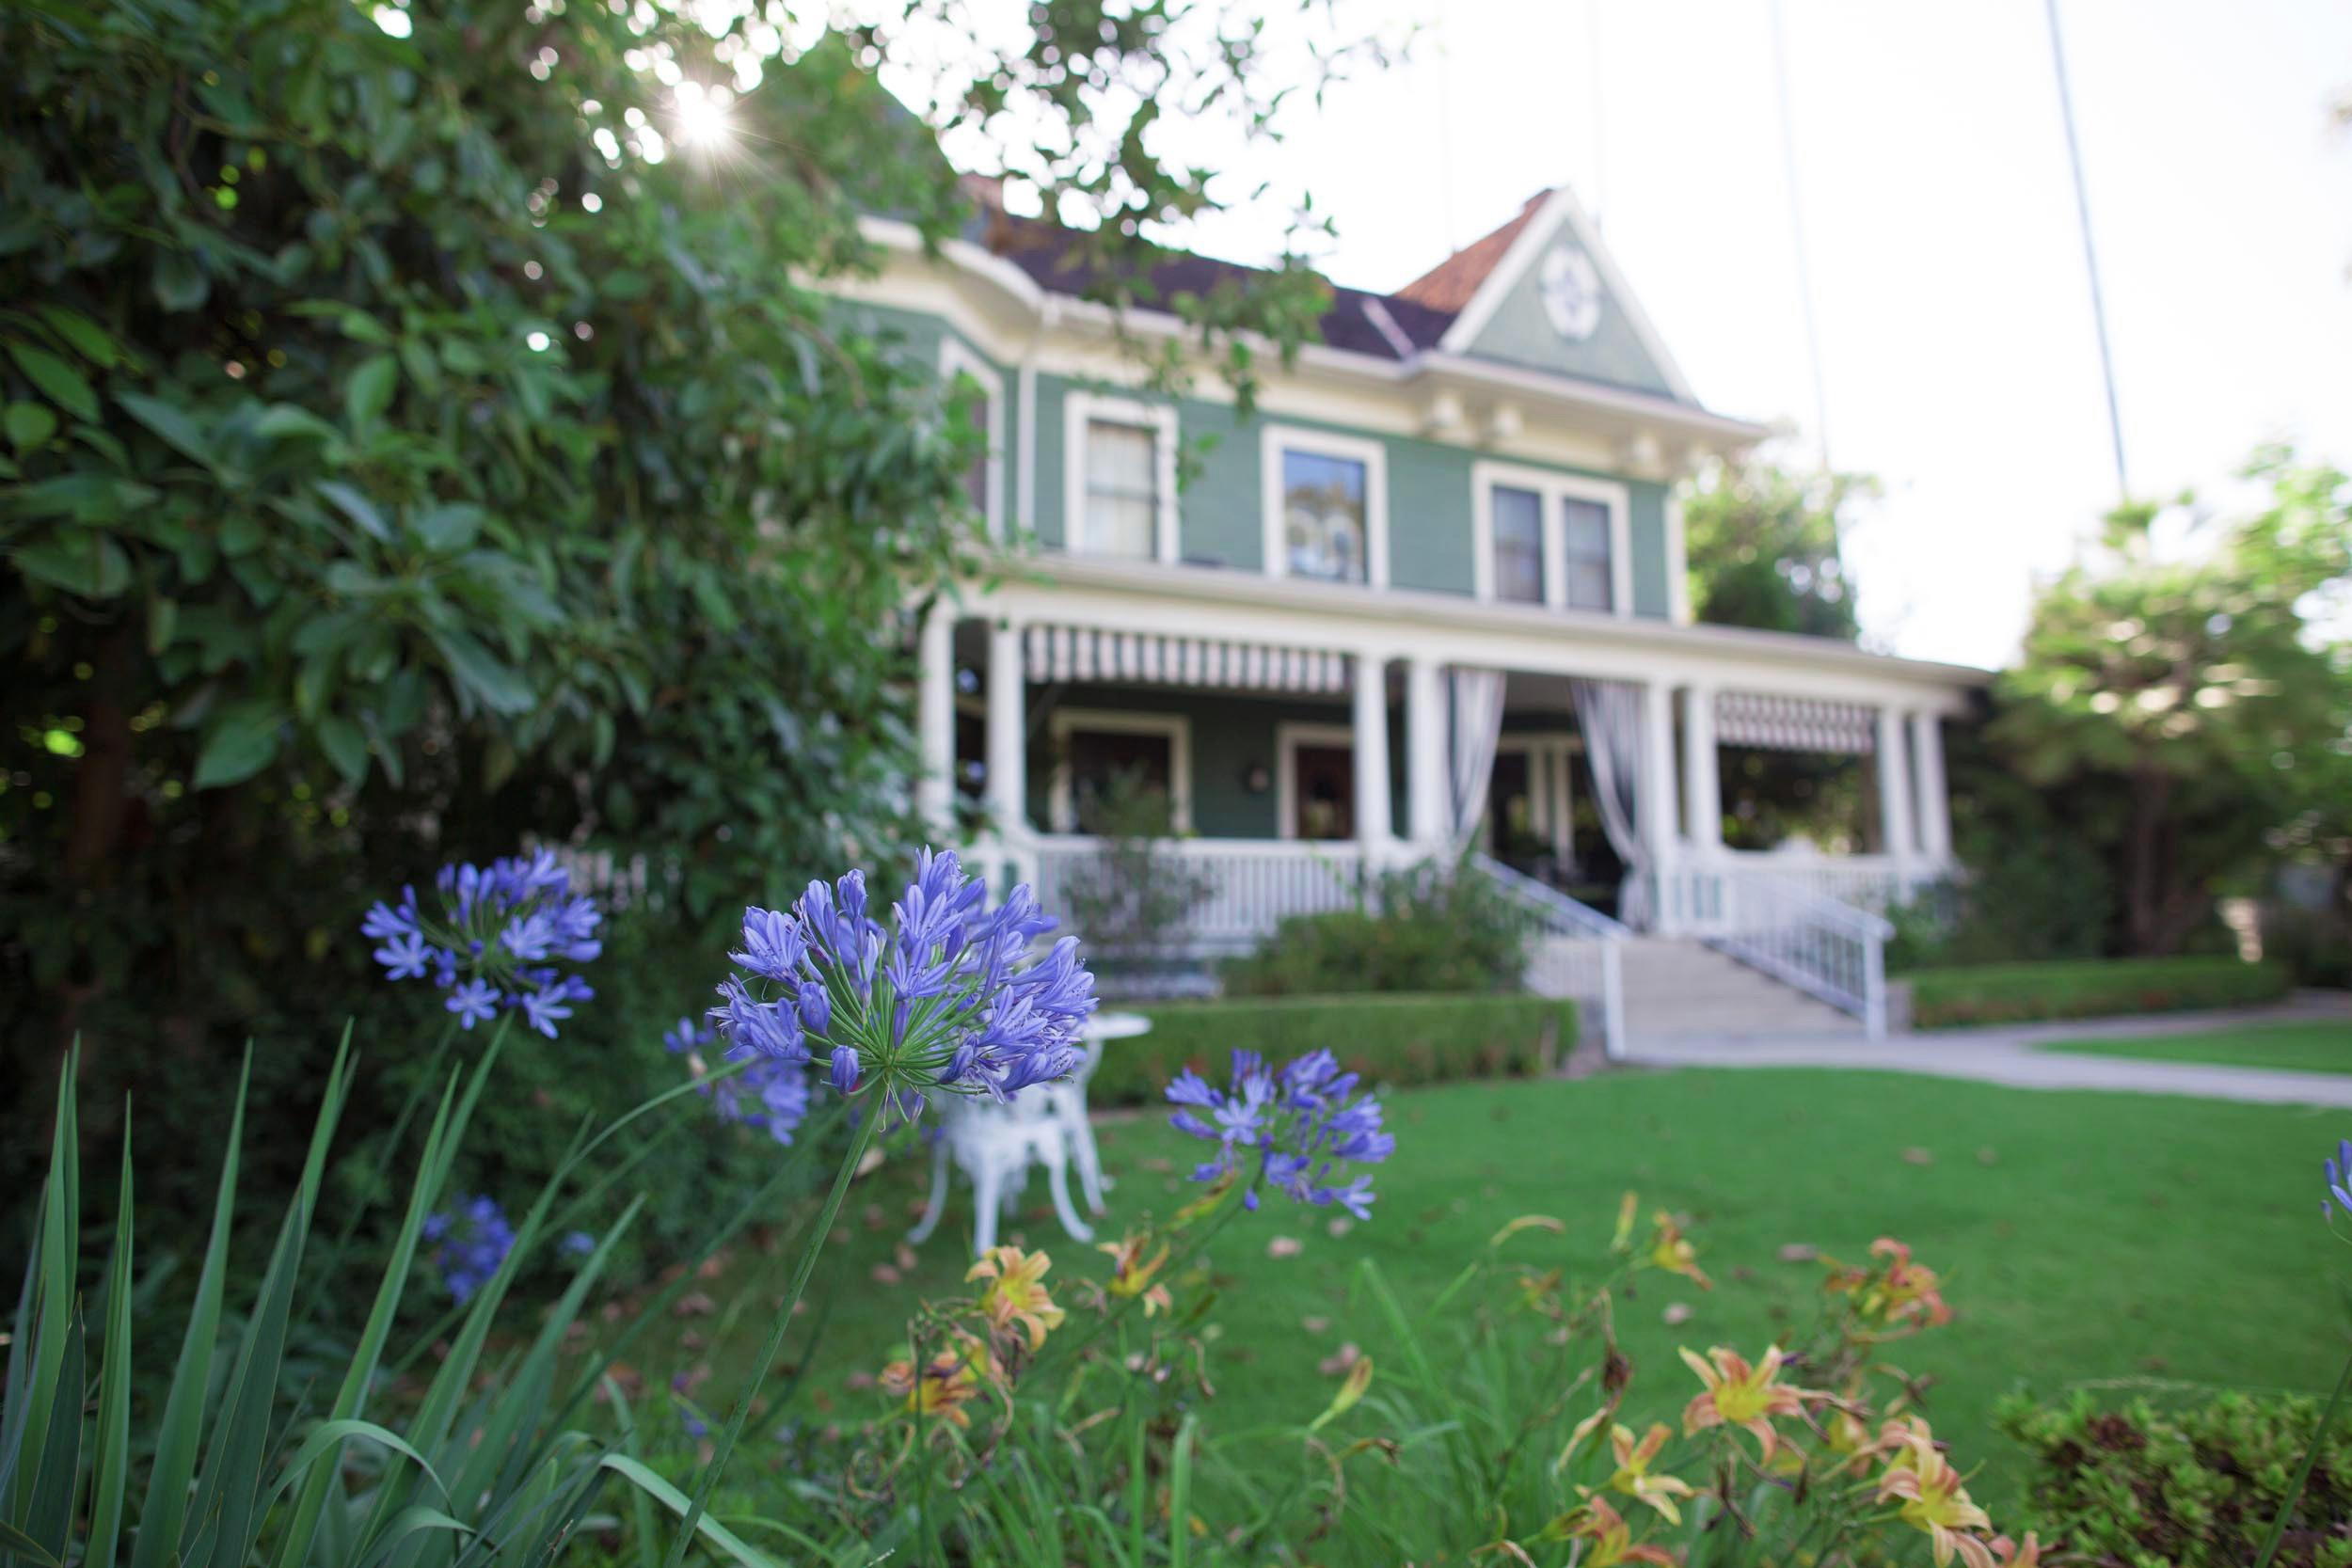 christmas house inn wedding venue house grounds contact - The Christmas Inn